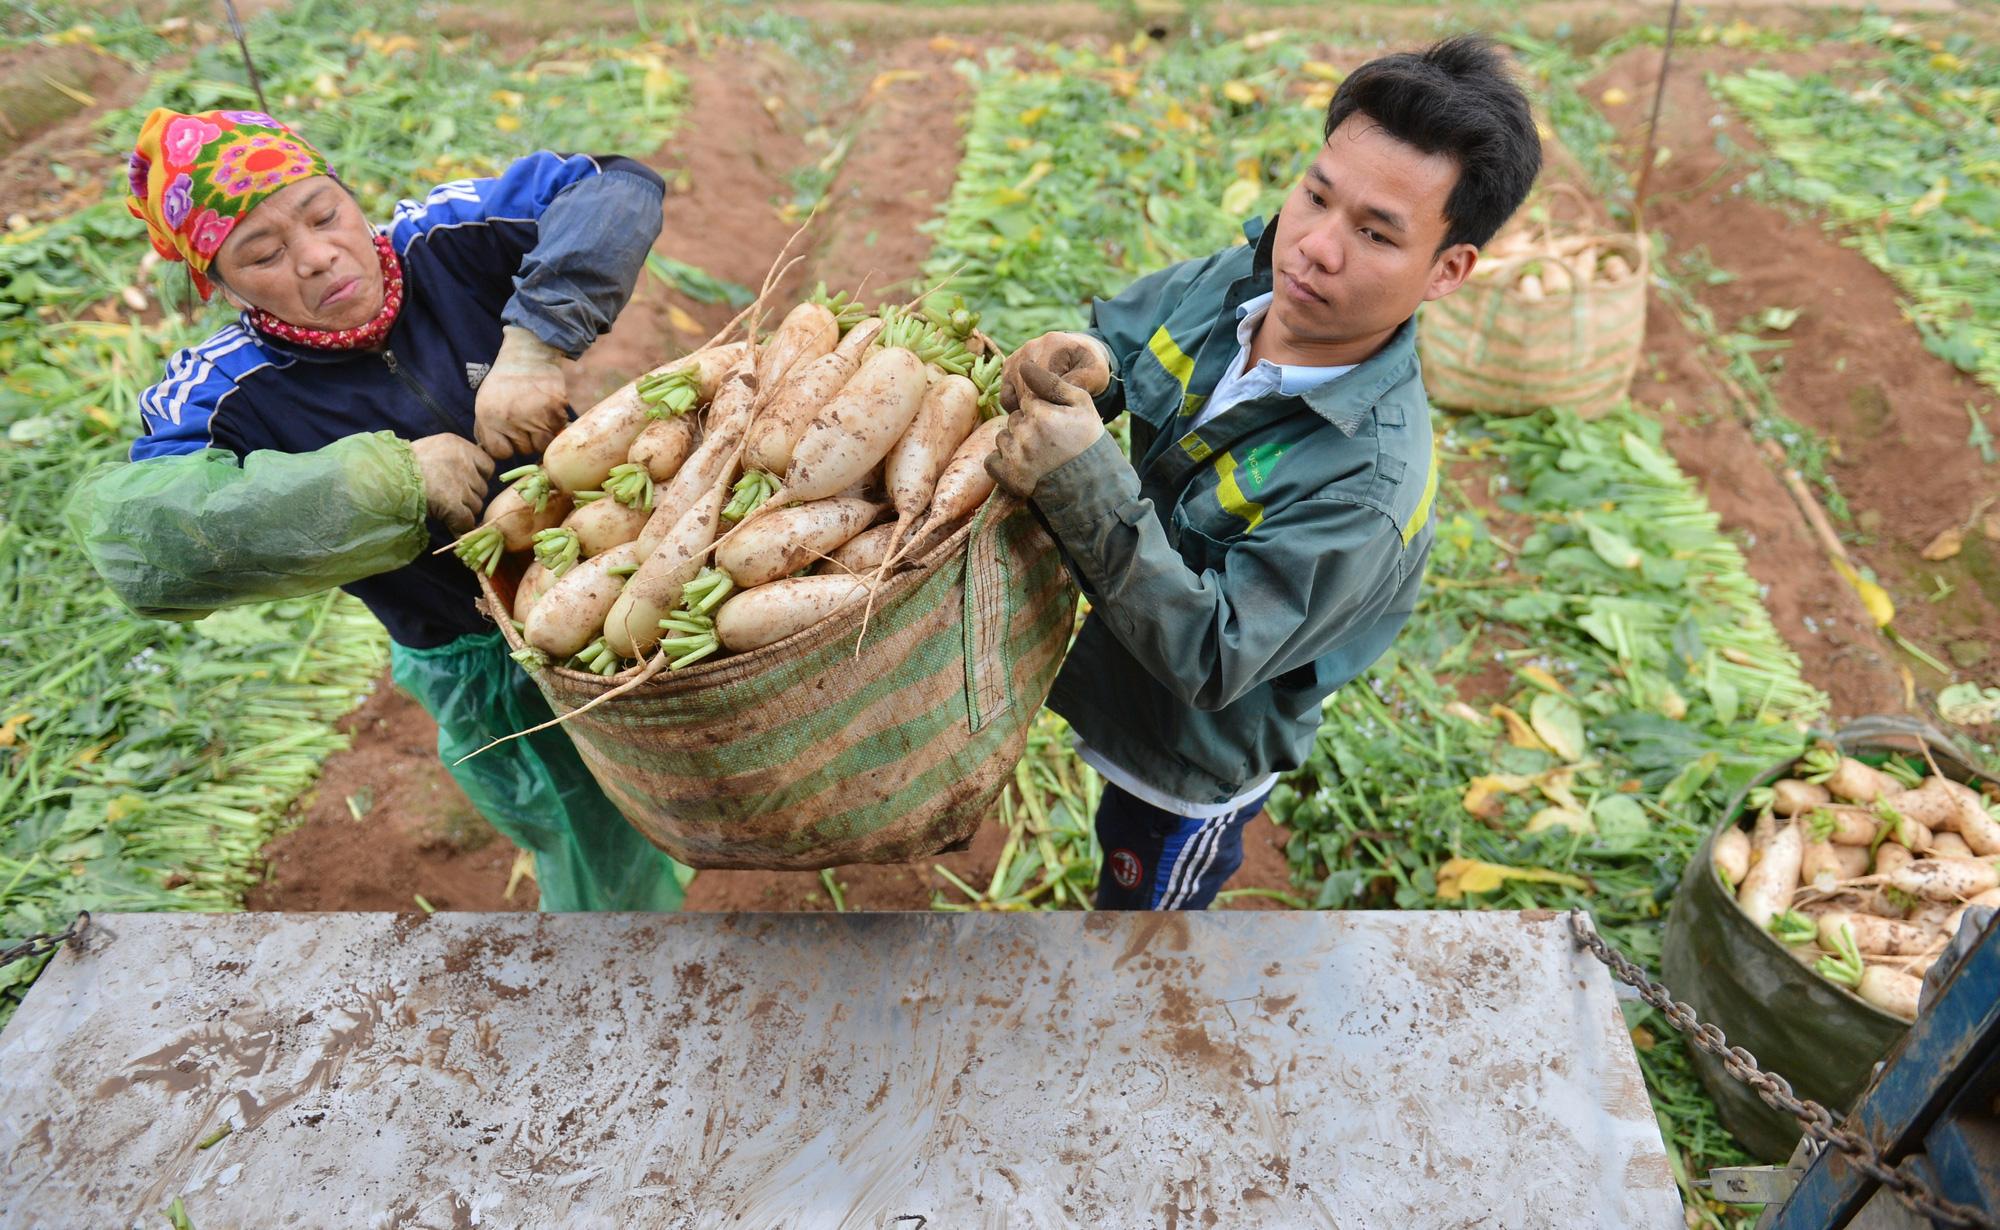 Sau Hải Dương, hàng trăm tấn củ cải ở Hà Nội rớt giá, người dân phải nhổ bỏ vì bán không ai mua - Ảnh 11.